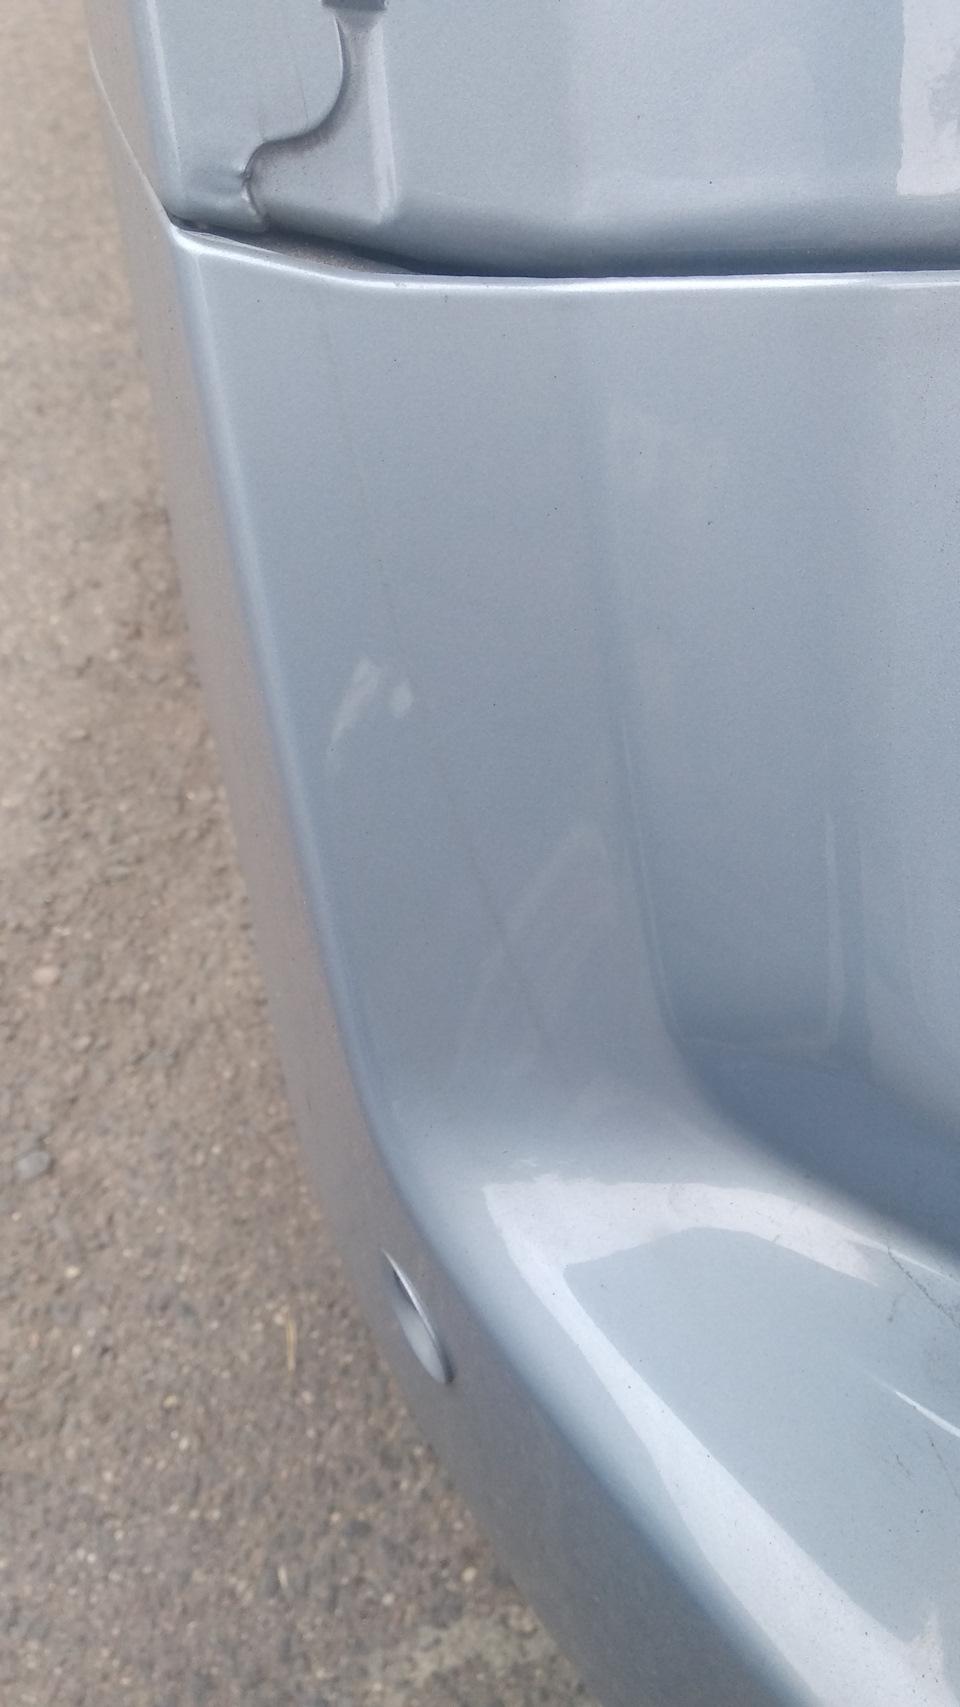 Места контакта крышки багажника и задних крыльев